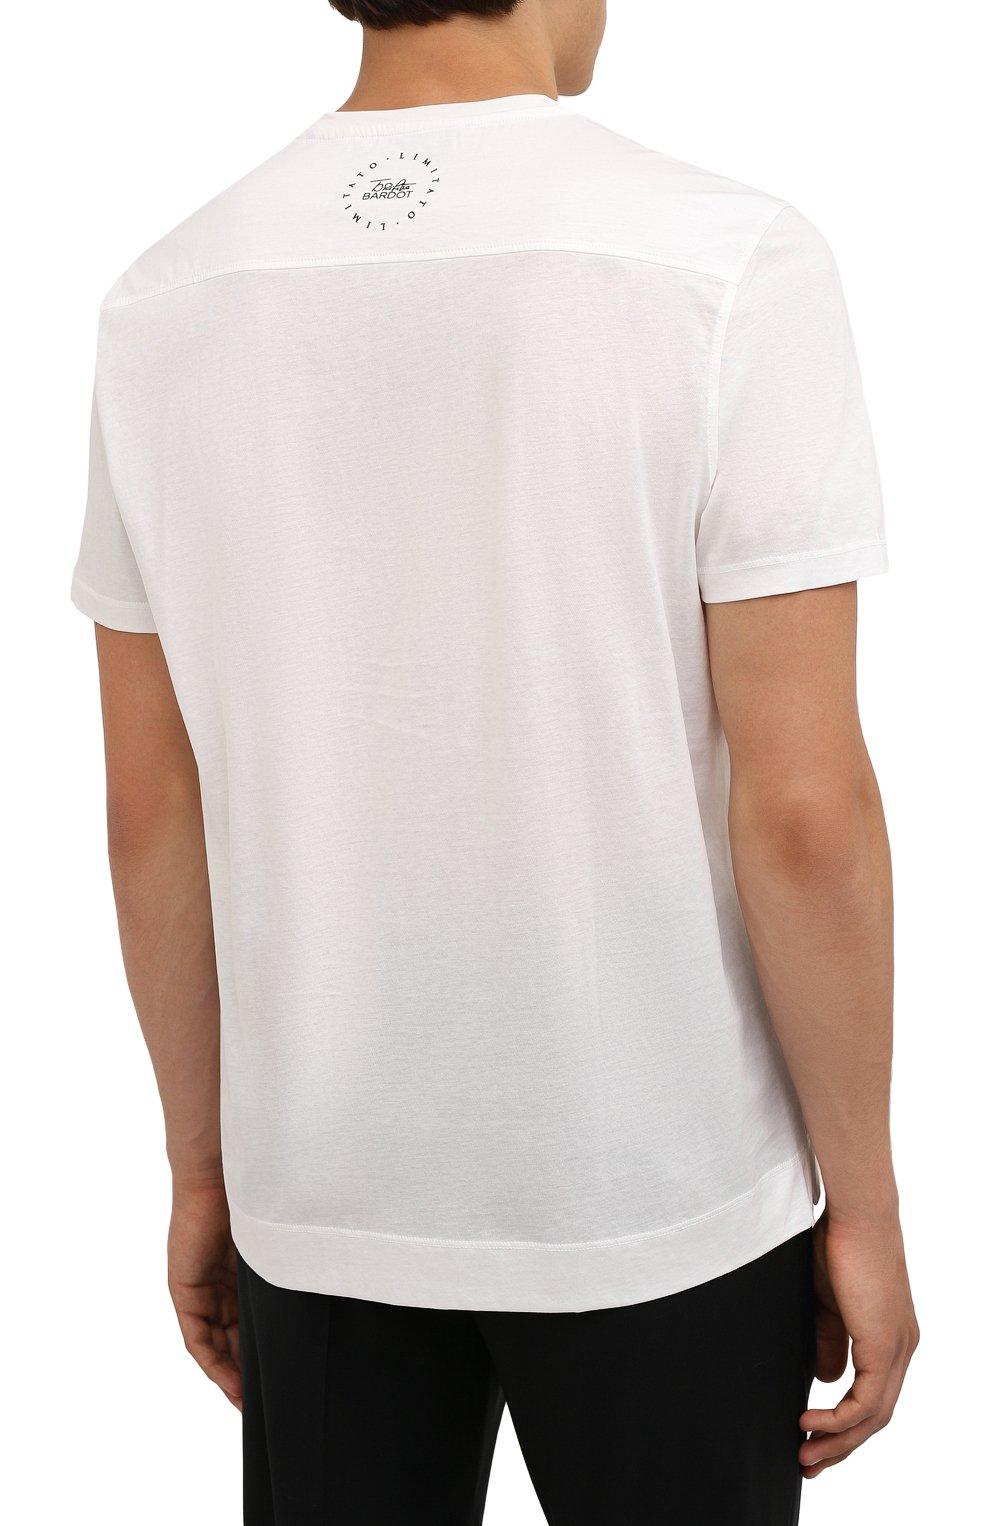 Мужская хлопковая футболка LIMITATO белого цвета, арт. BB3/T-SHIRT   Фото 4 (Рукава: Короткие; Длина (для топов): Стандартные; Стили: Гранж; Принт: С принтом; Материал внешний: Хлопок)